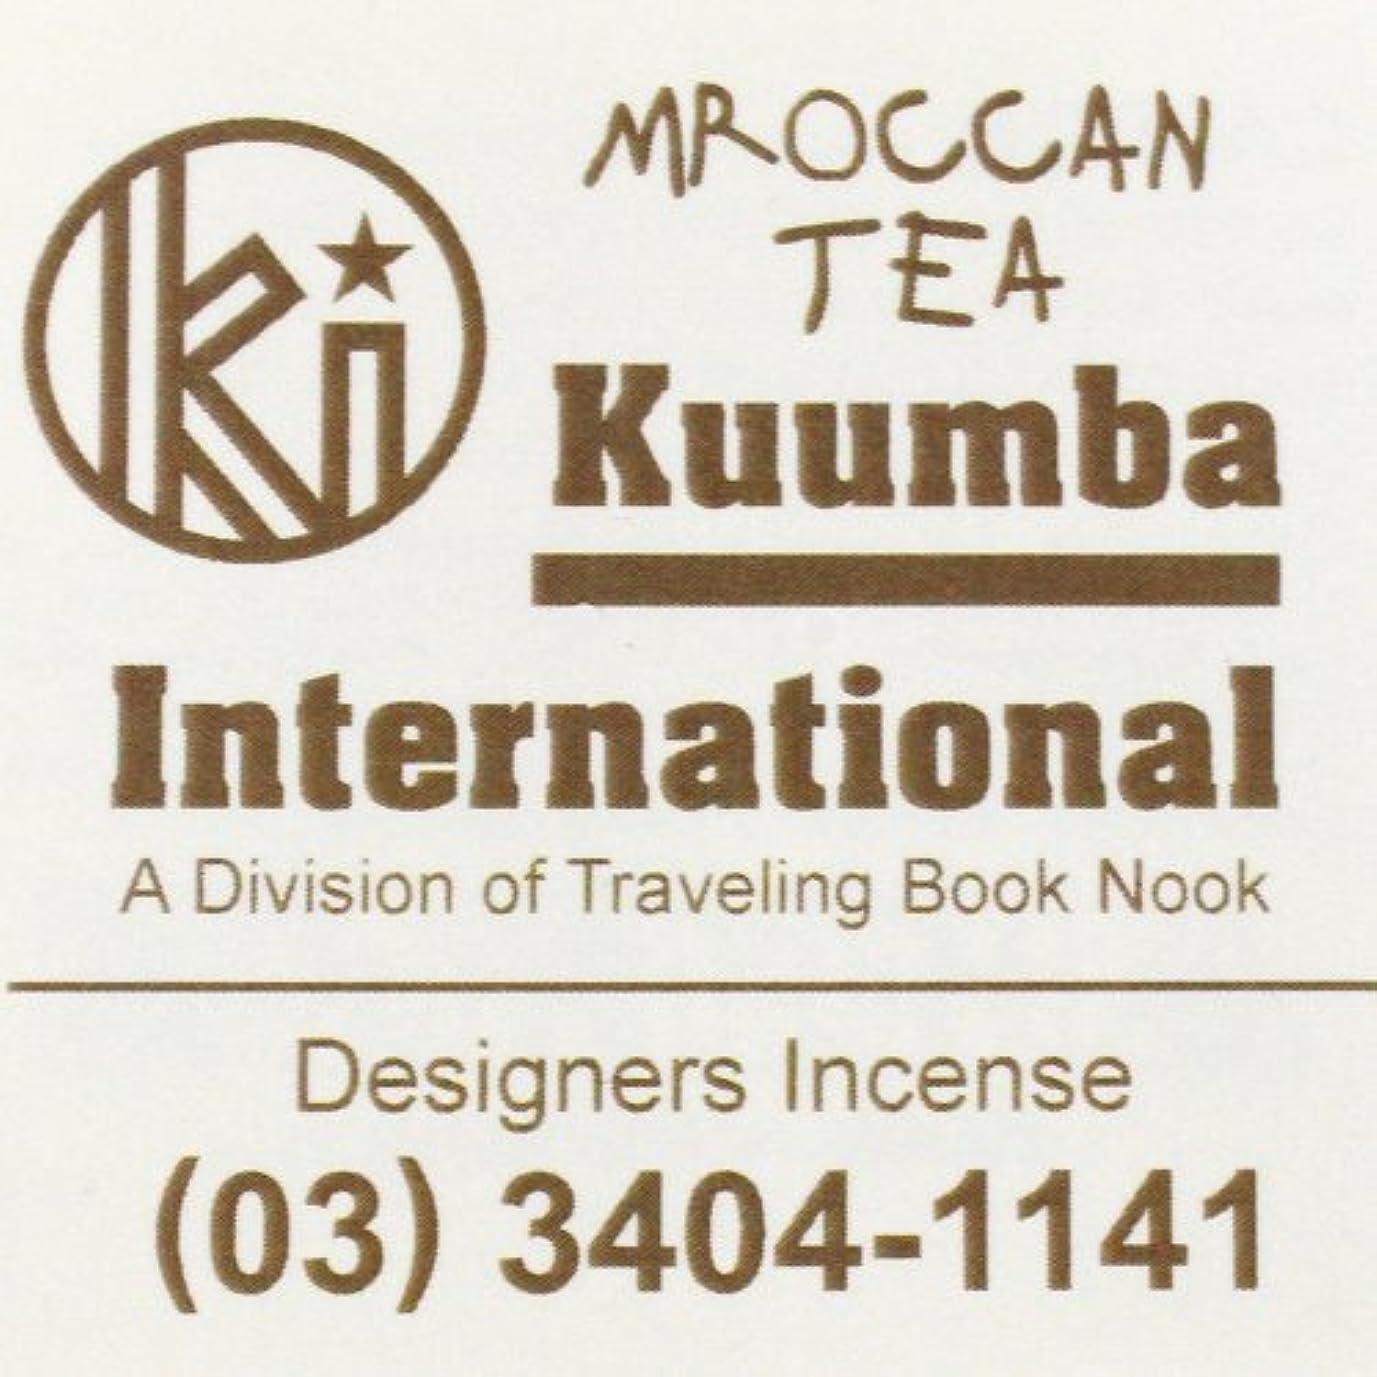 異常トラップカスケード(クンバ) KUUMBA『incense』(MOROCCAN TEA) (Regular size)